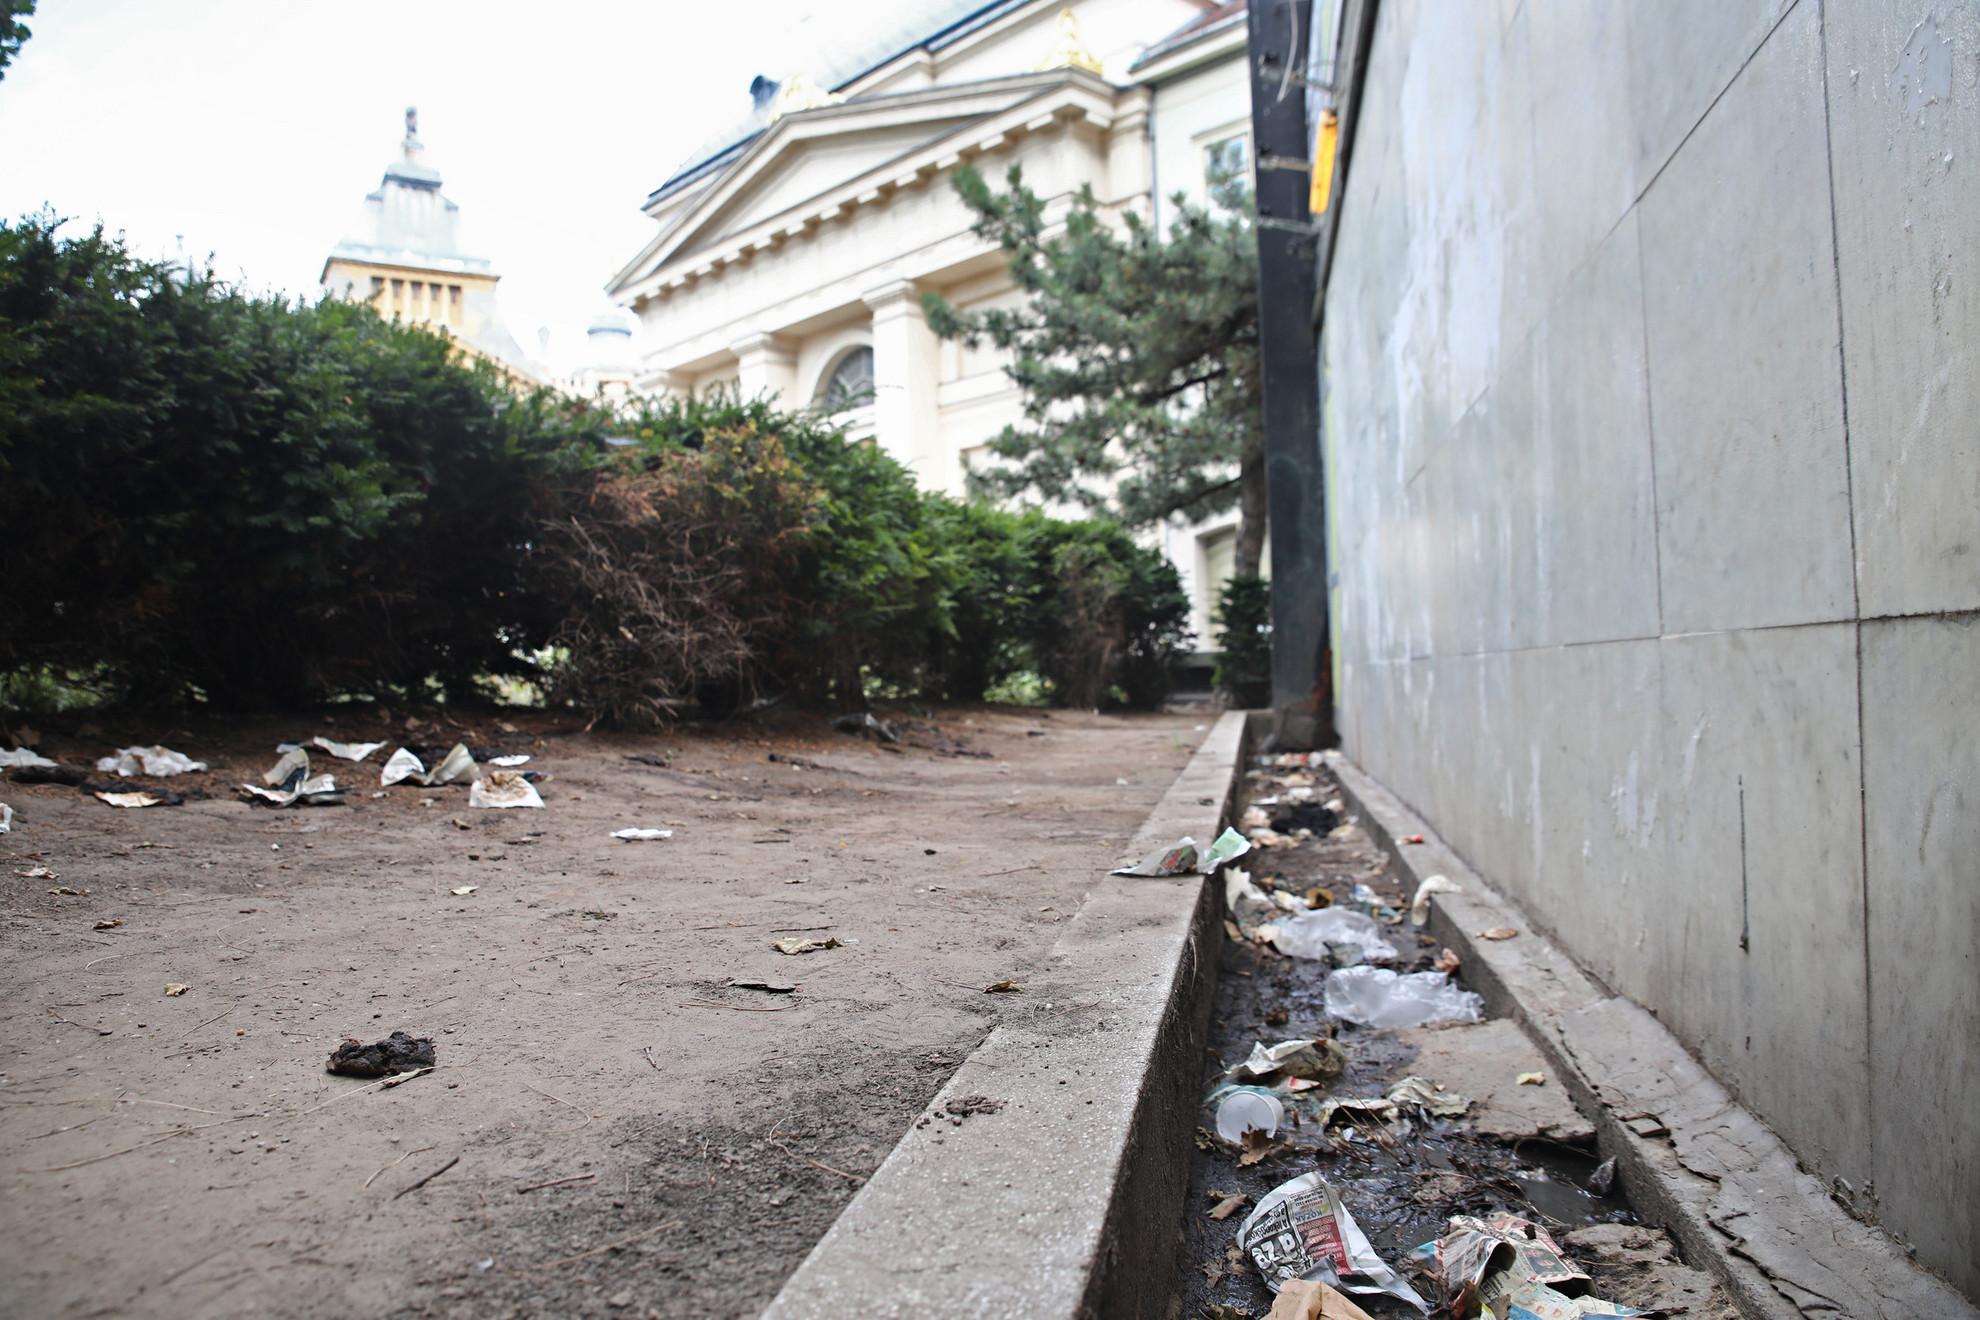 Budapest igénytelen főpolgármesterének nem szívügye a köztisztaság, a saját munkahelyétől kőhajításnyira sem érdekli a mocsok